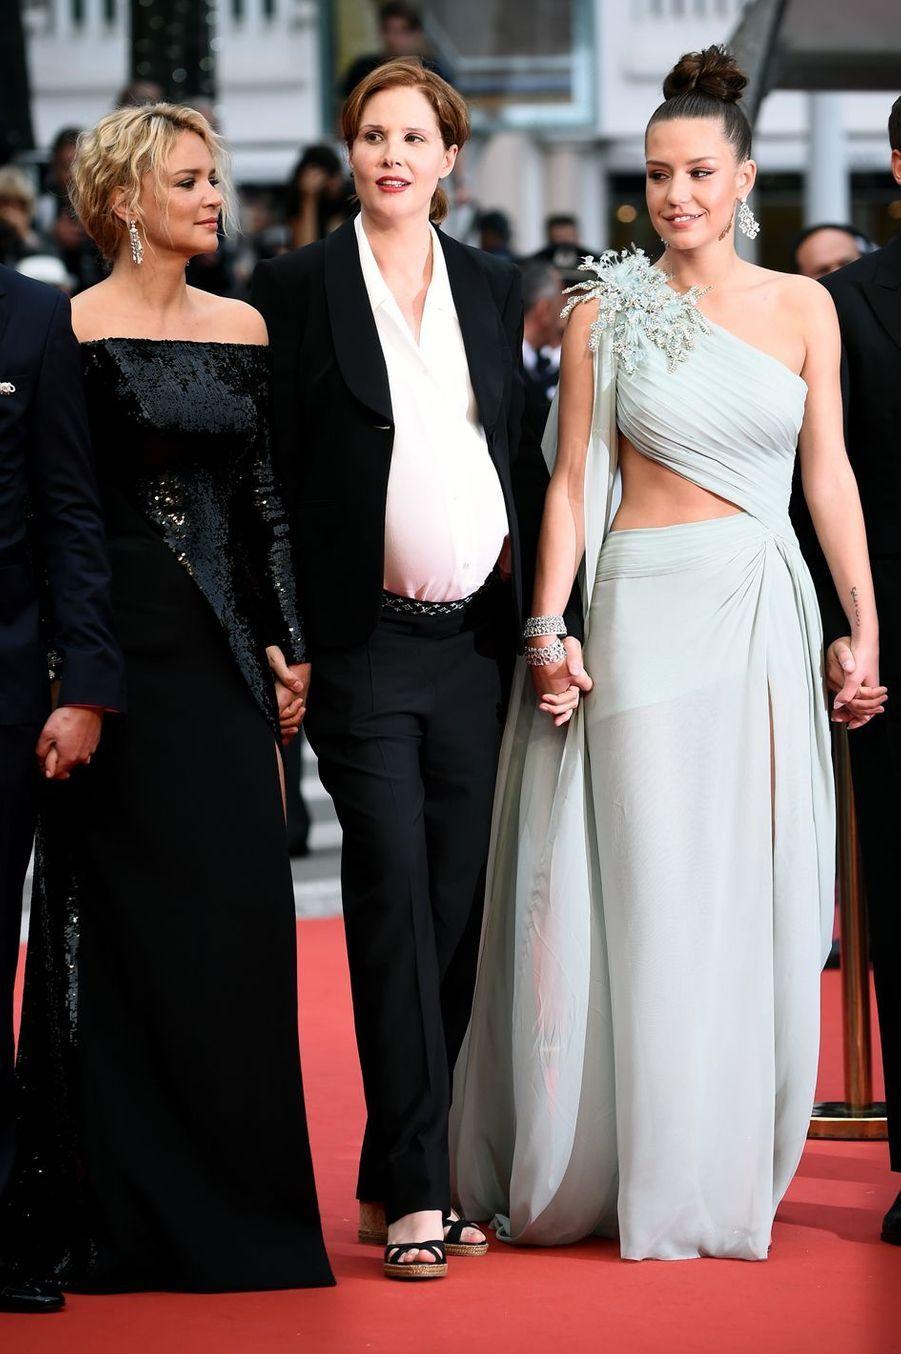 Virginie Efira, Justine Triet et Adele Exarchopoulos à Cannes, le 24 mai 2019